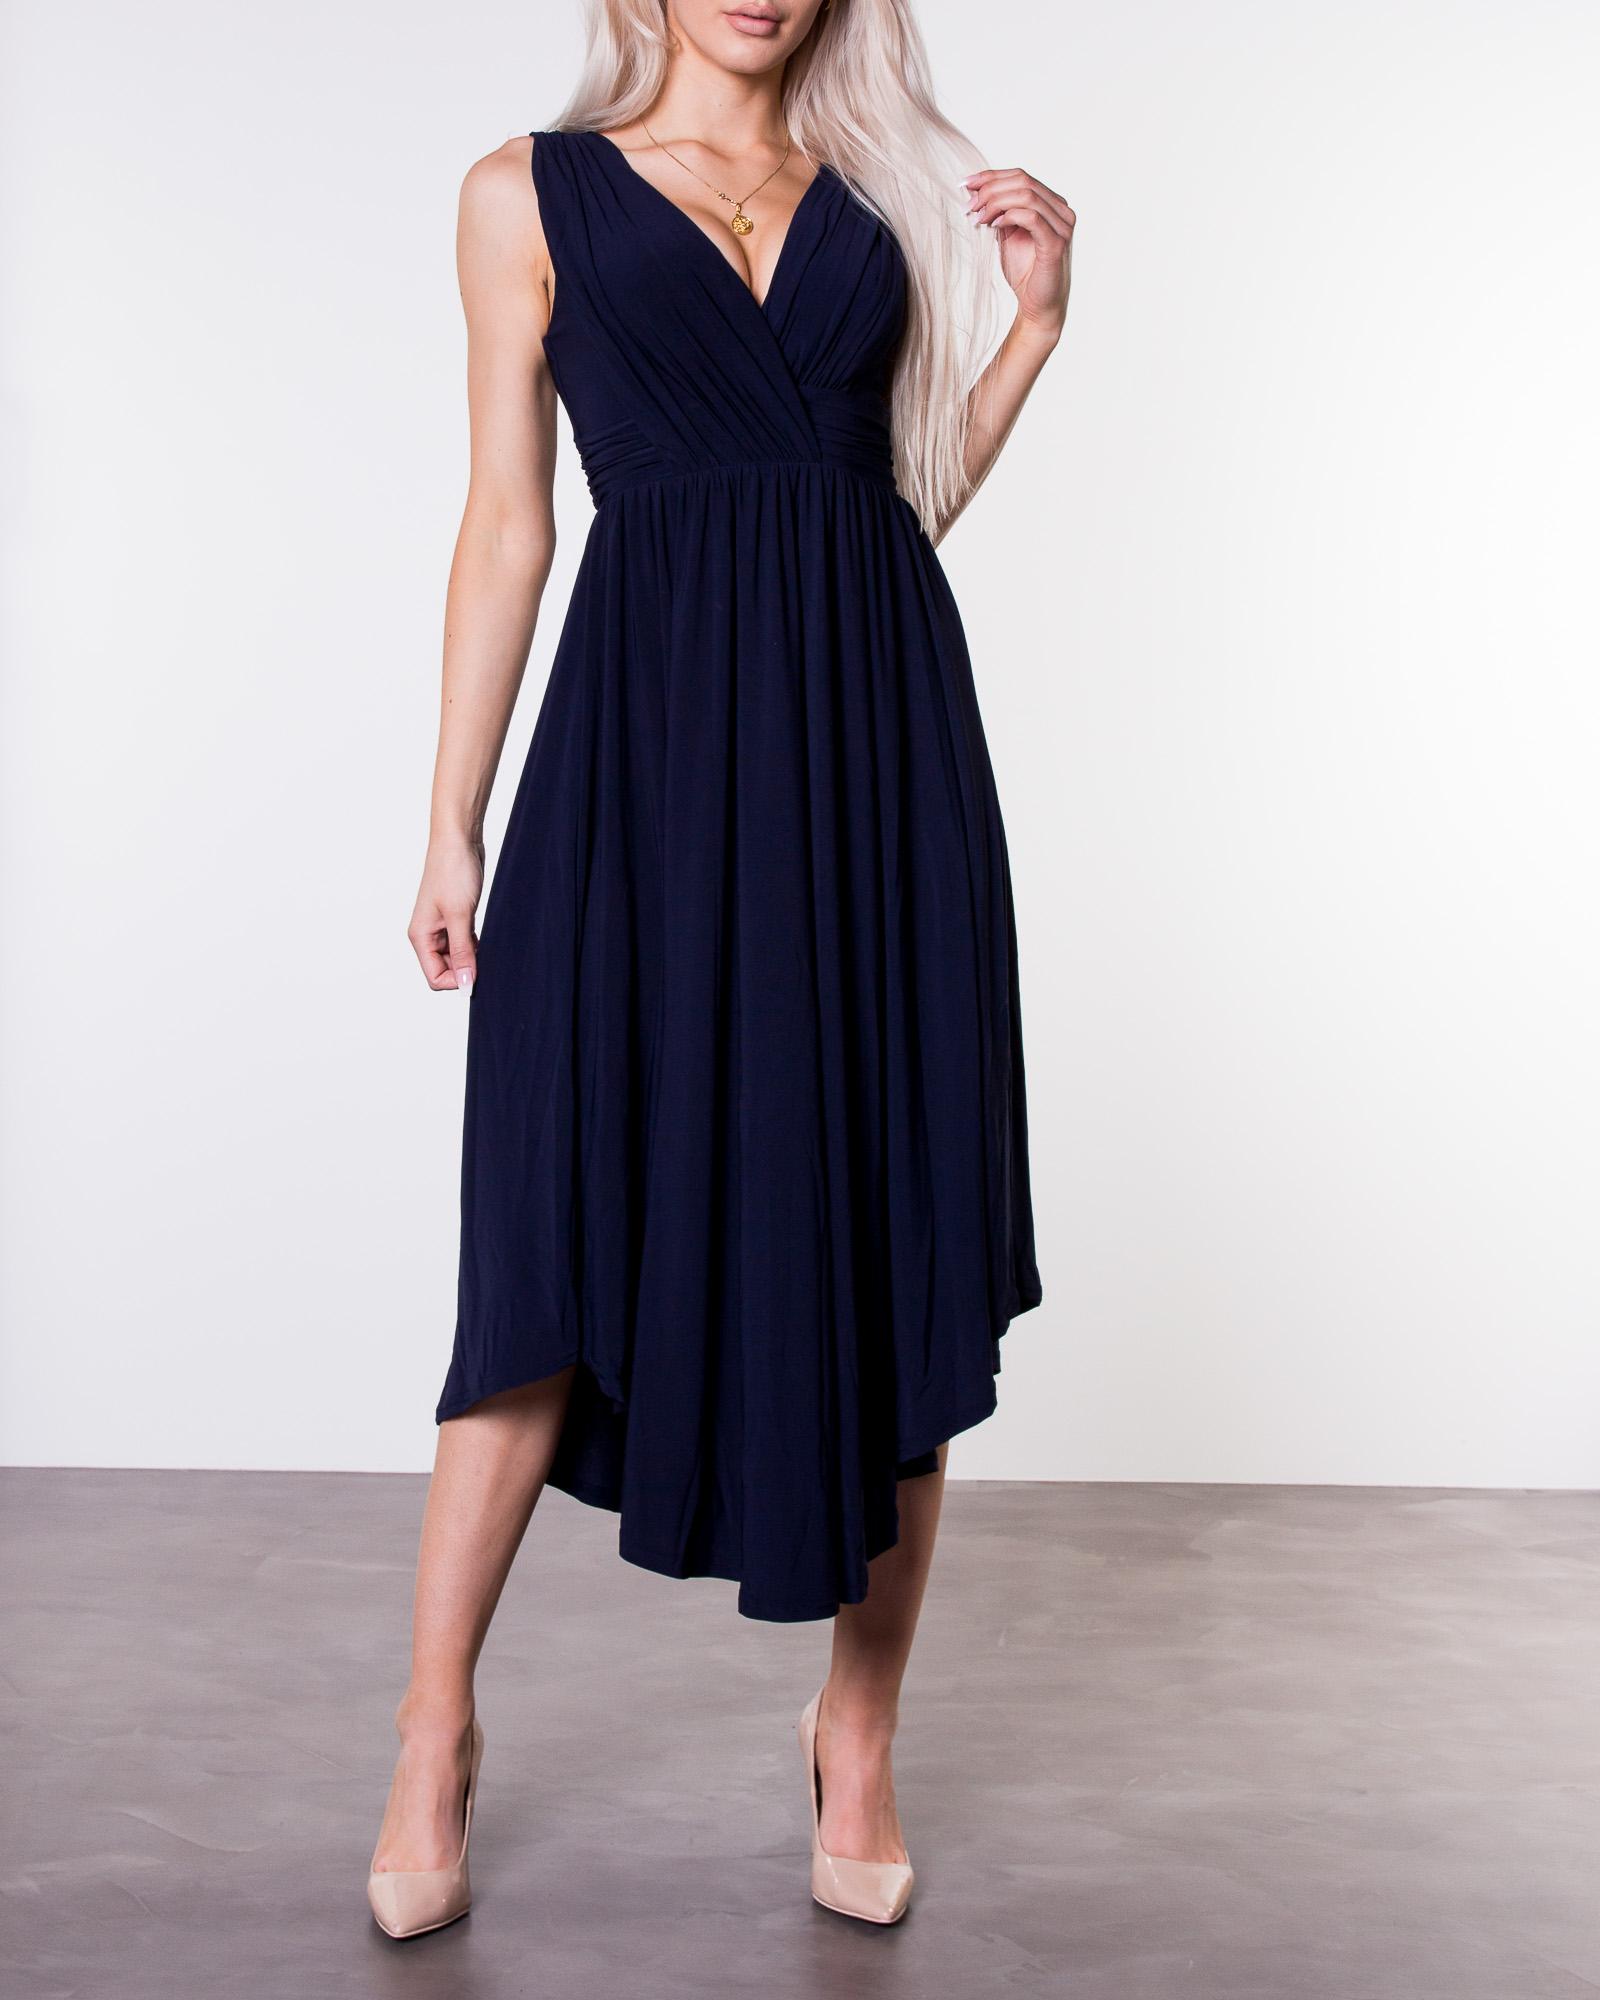 e3b0680e3d61 Valeria Dress Dark Blue